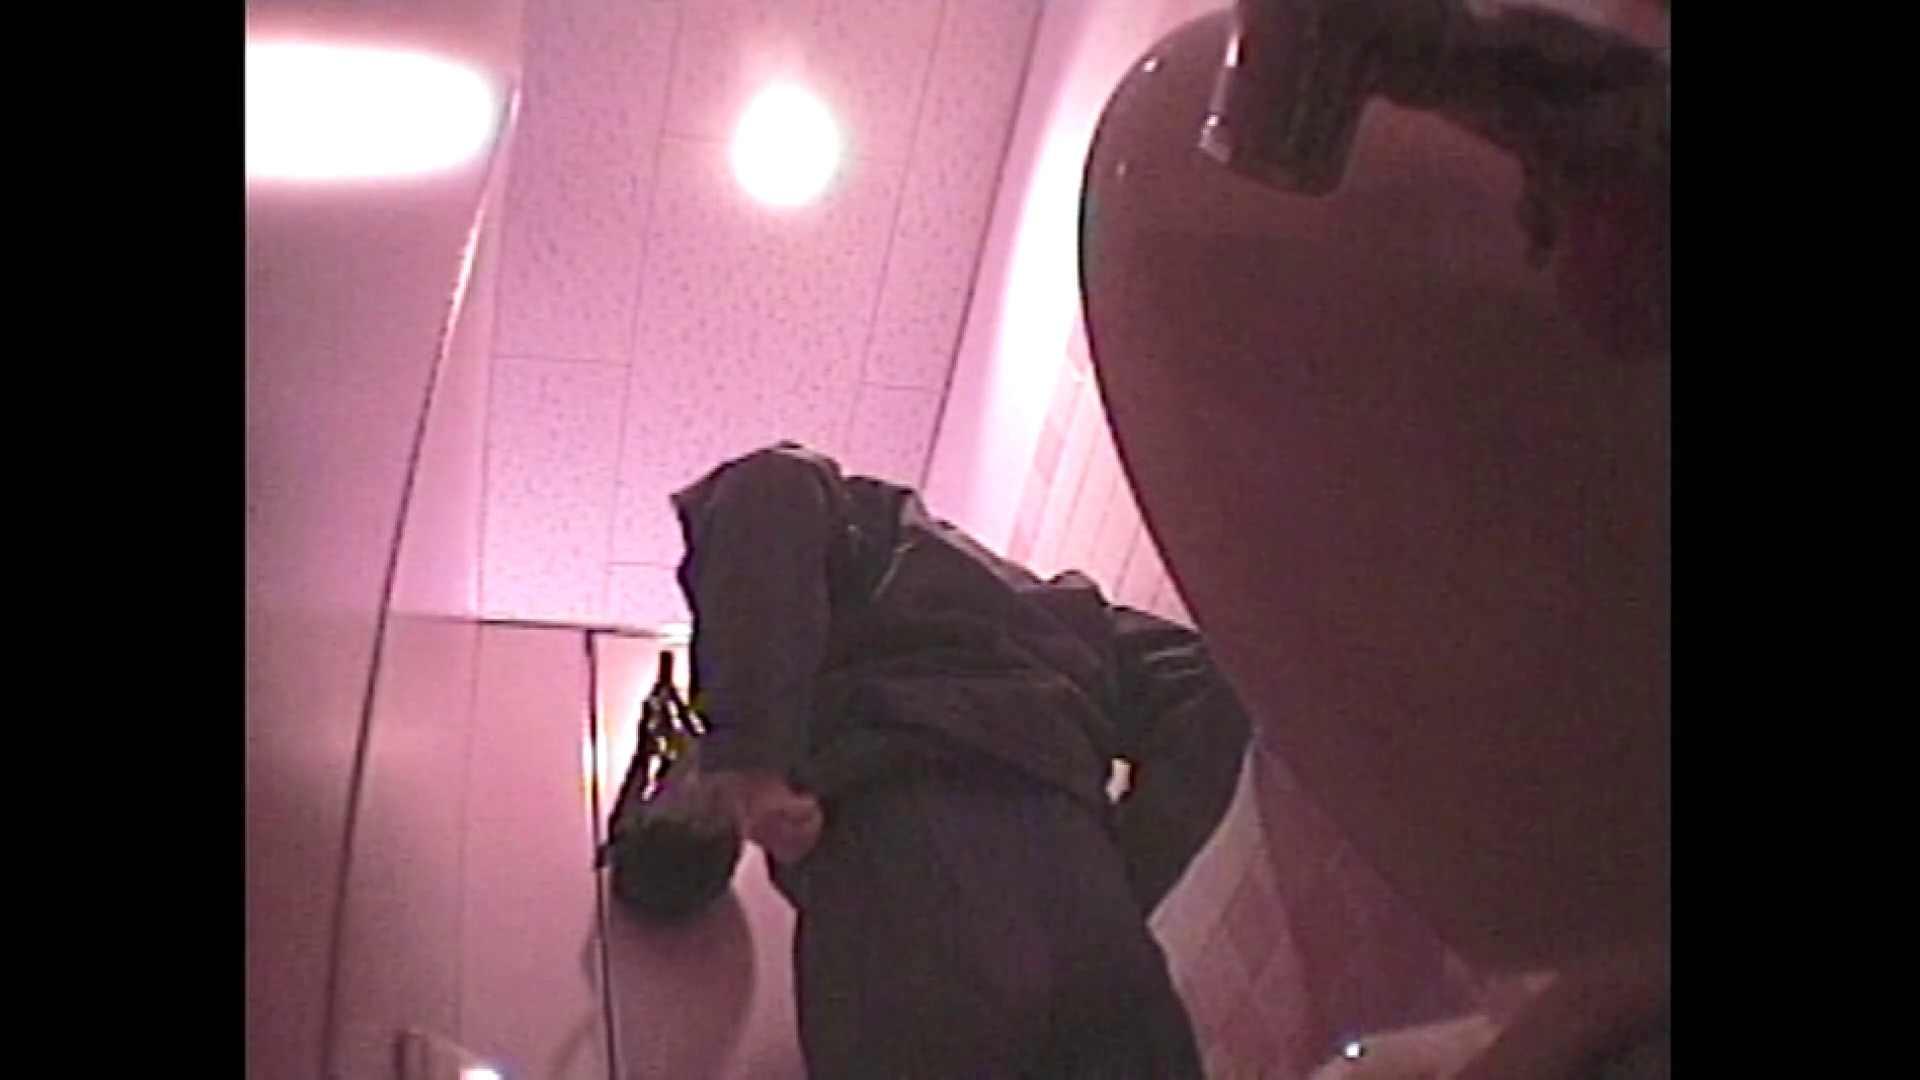 レース場での秘め事 Vol.21 ギャル スケベ動画紹介 38連発 18